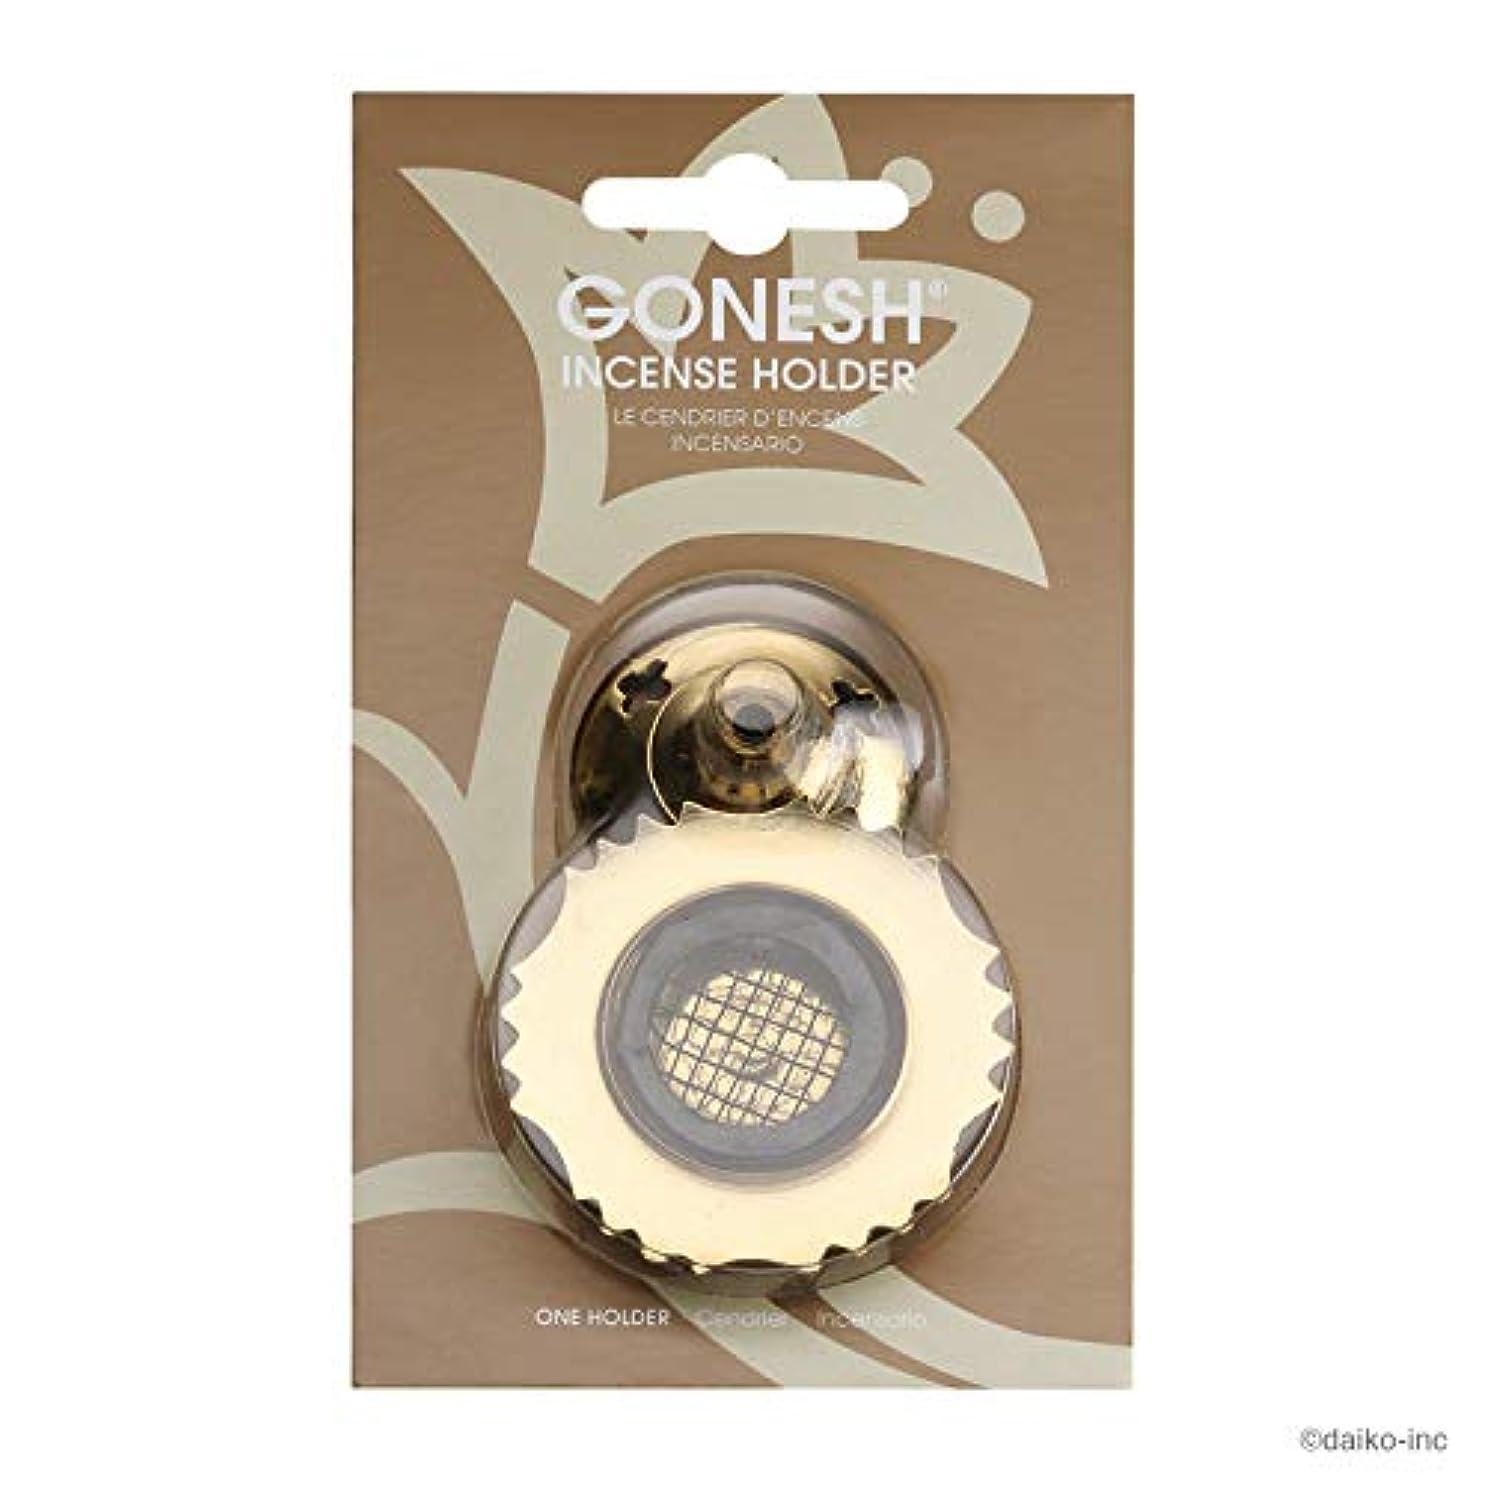 に勝る再編成するリンケージガーネッシュ(GONESH) インセンスホルダー メッシュブラス (お香立て)